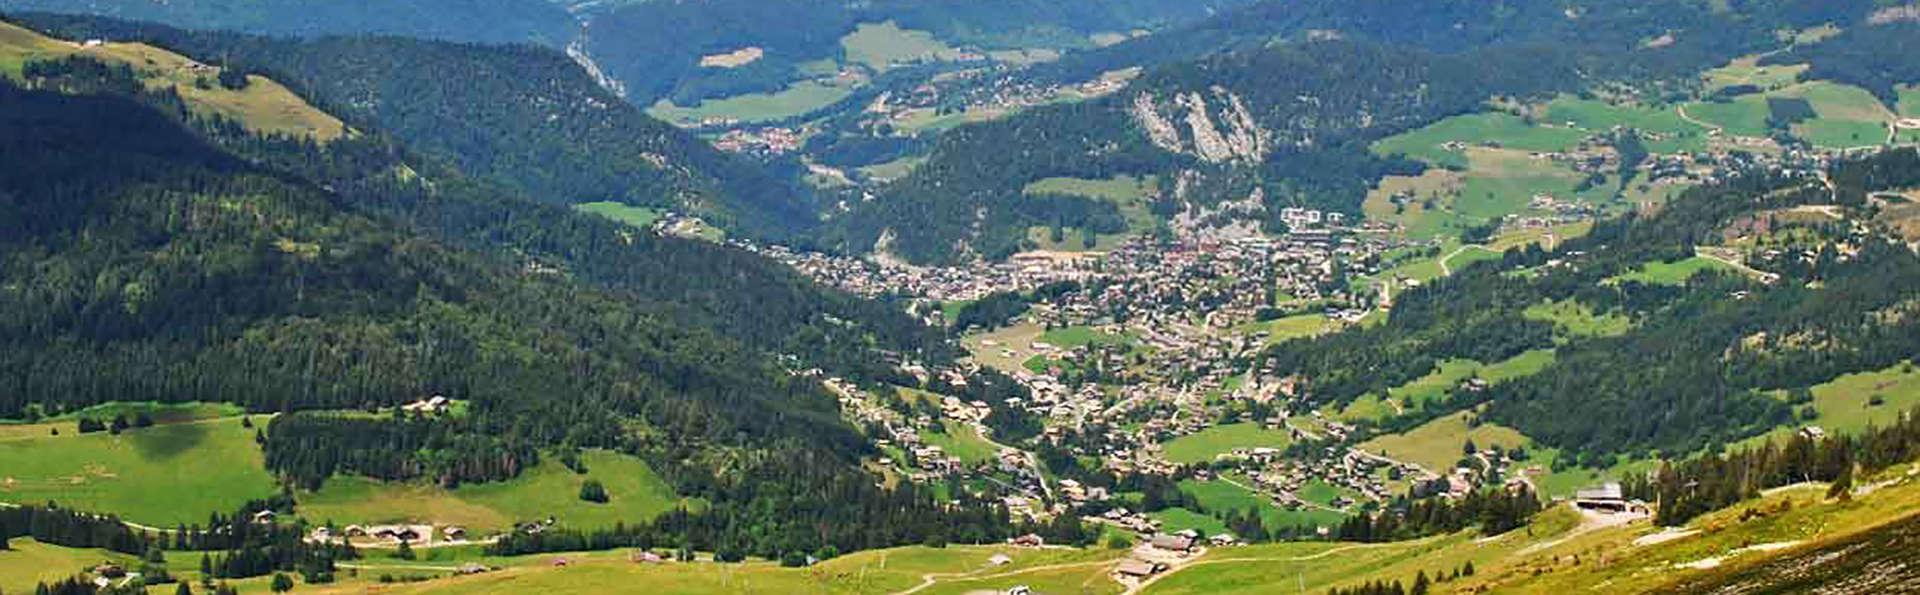 Hôtel Alpen Roc - La Clusaz - Edit_destination4.jpg